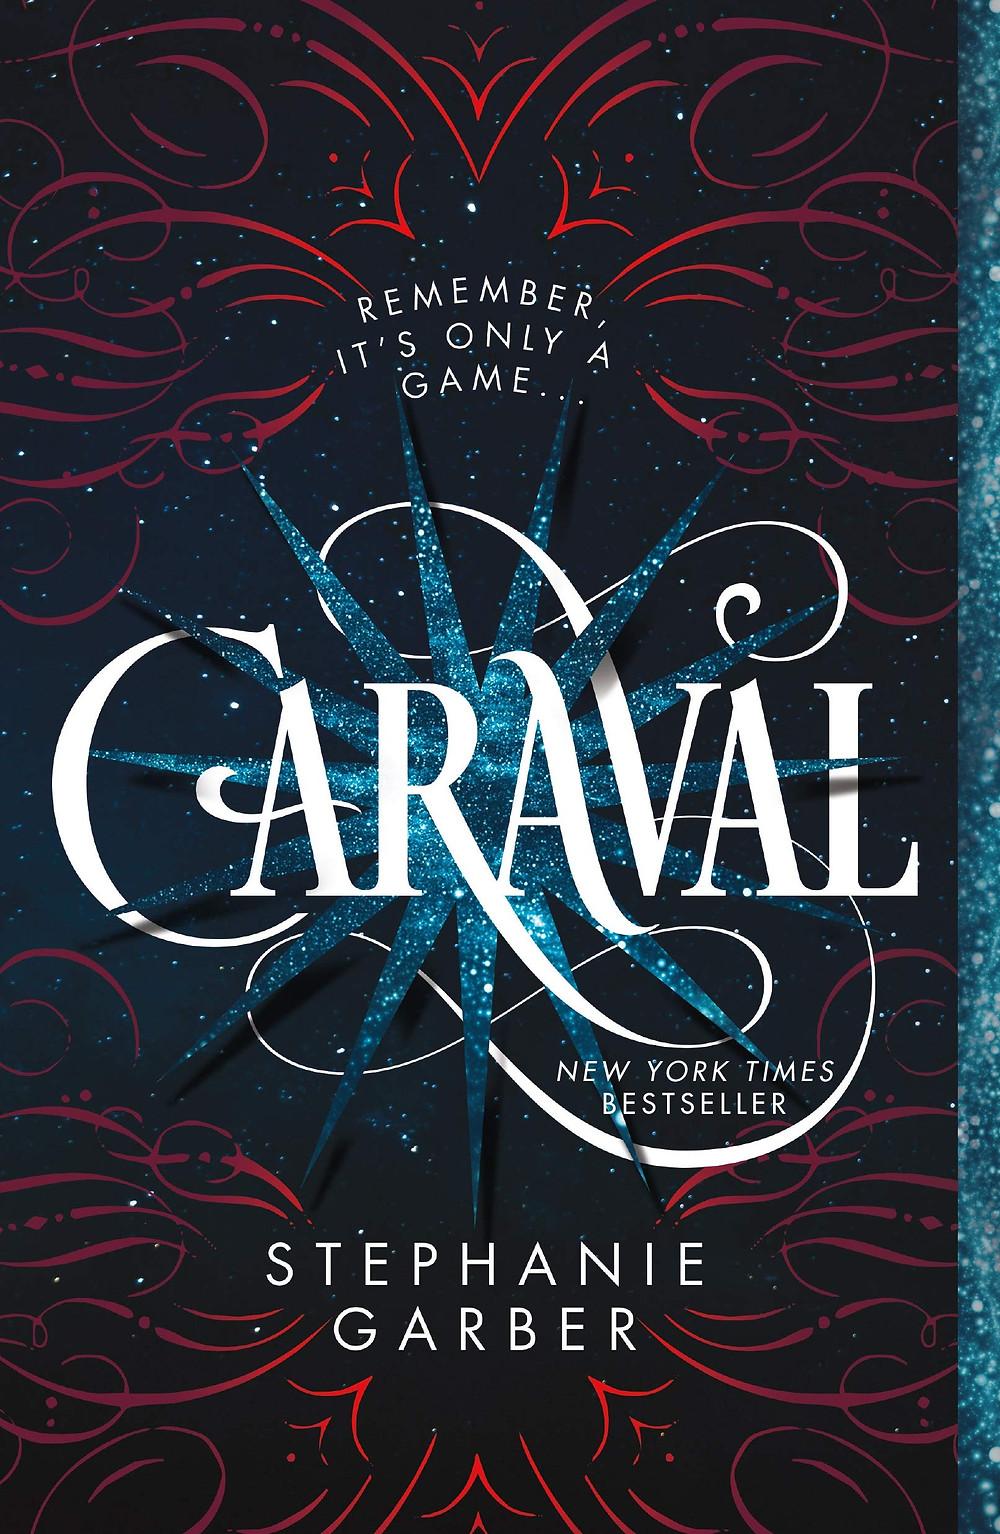 Caraval Stephanie Garber January TBR list book blog